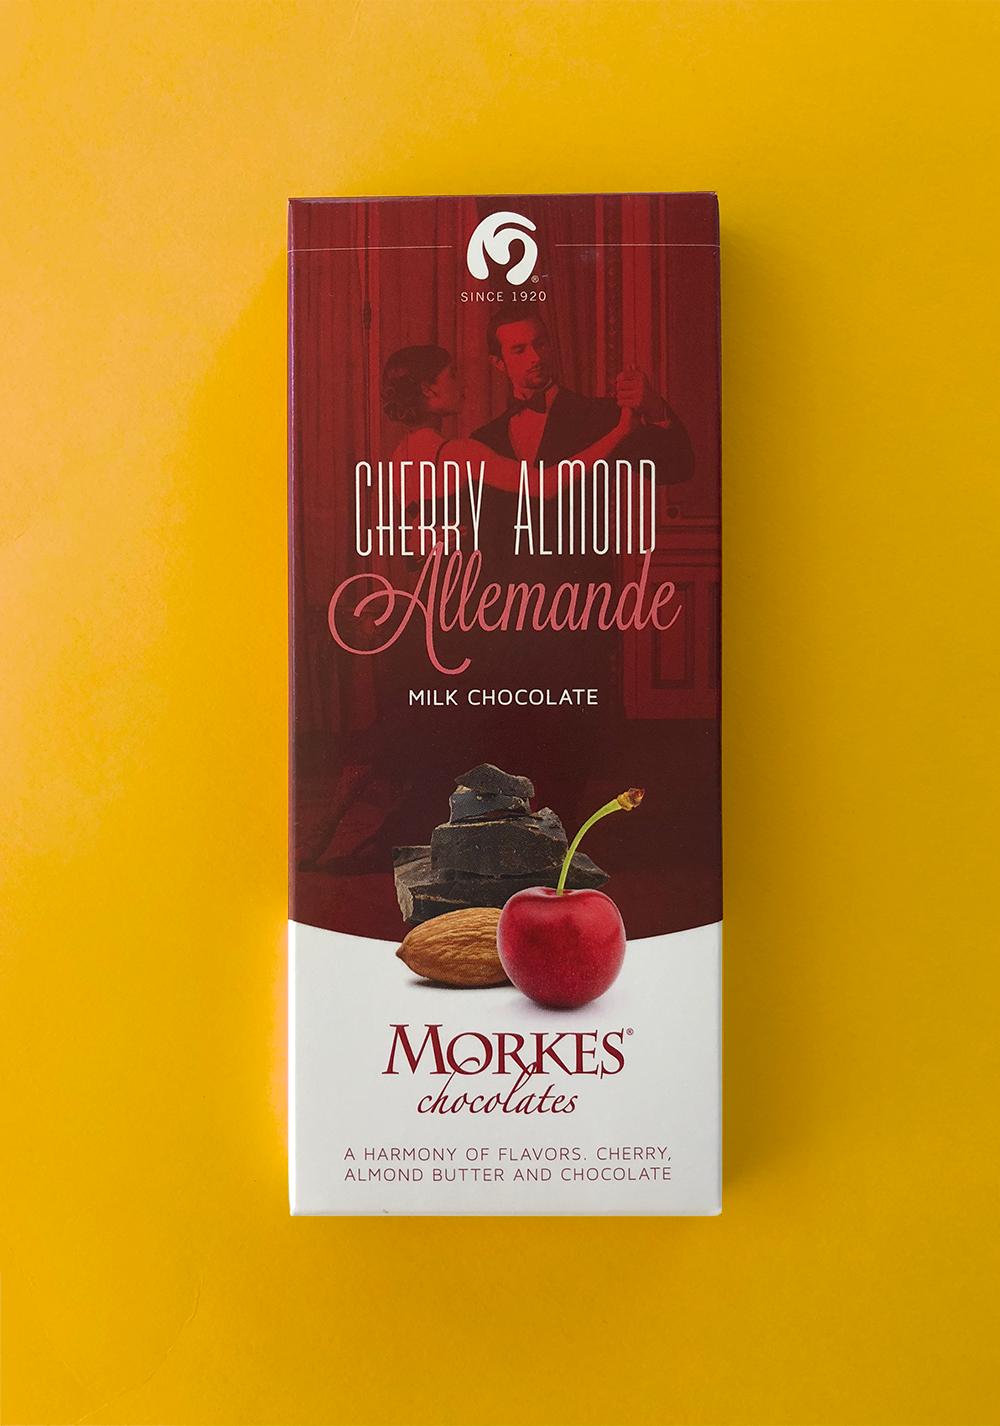 milk-chocolate-cherry-almond-allemande-morkes